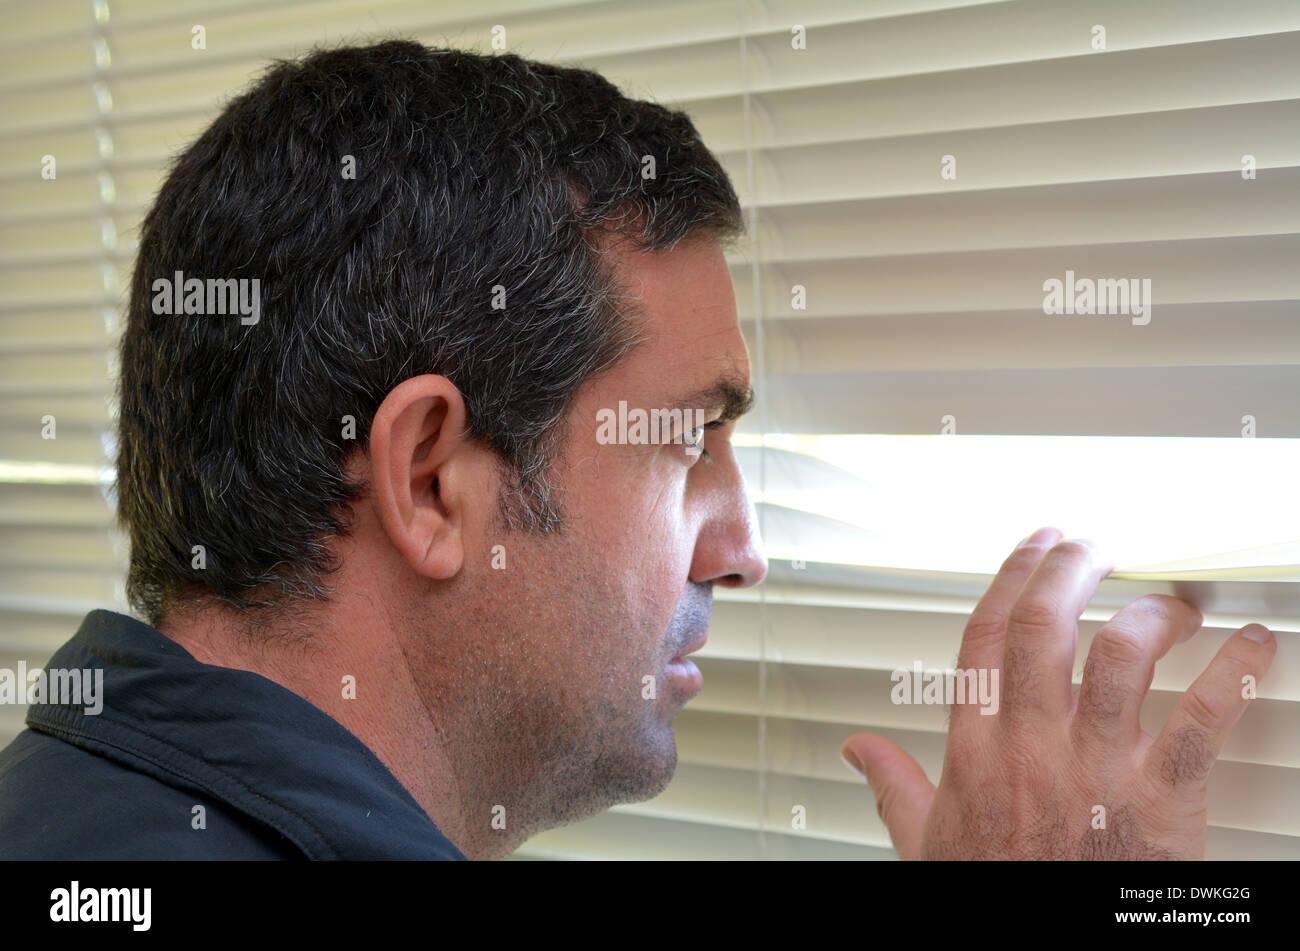 Mann (Alter 35-40) blickt durch Jalousien. Konzept-Foto von neugierig, Spion, neugierige Menschen. Stockbild